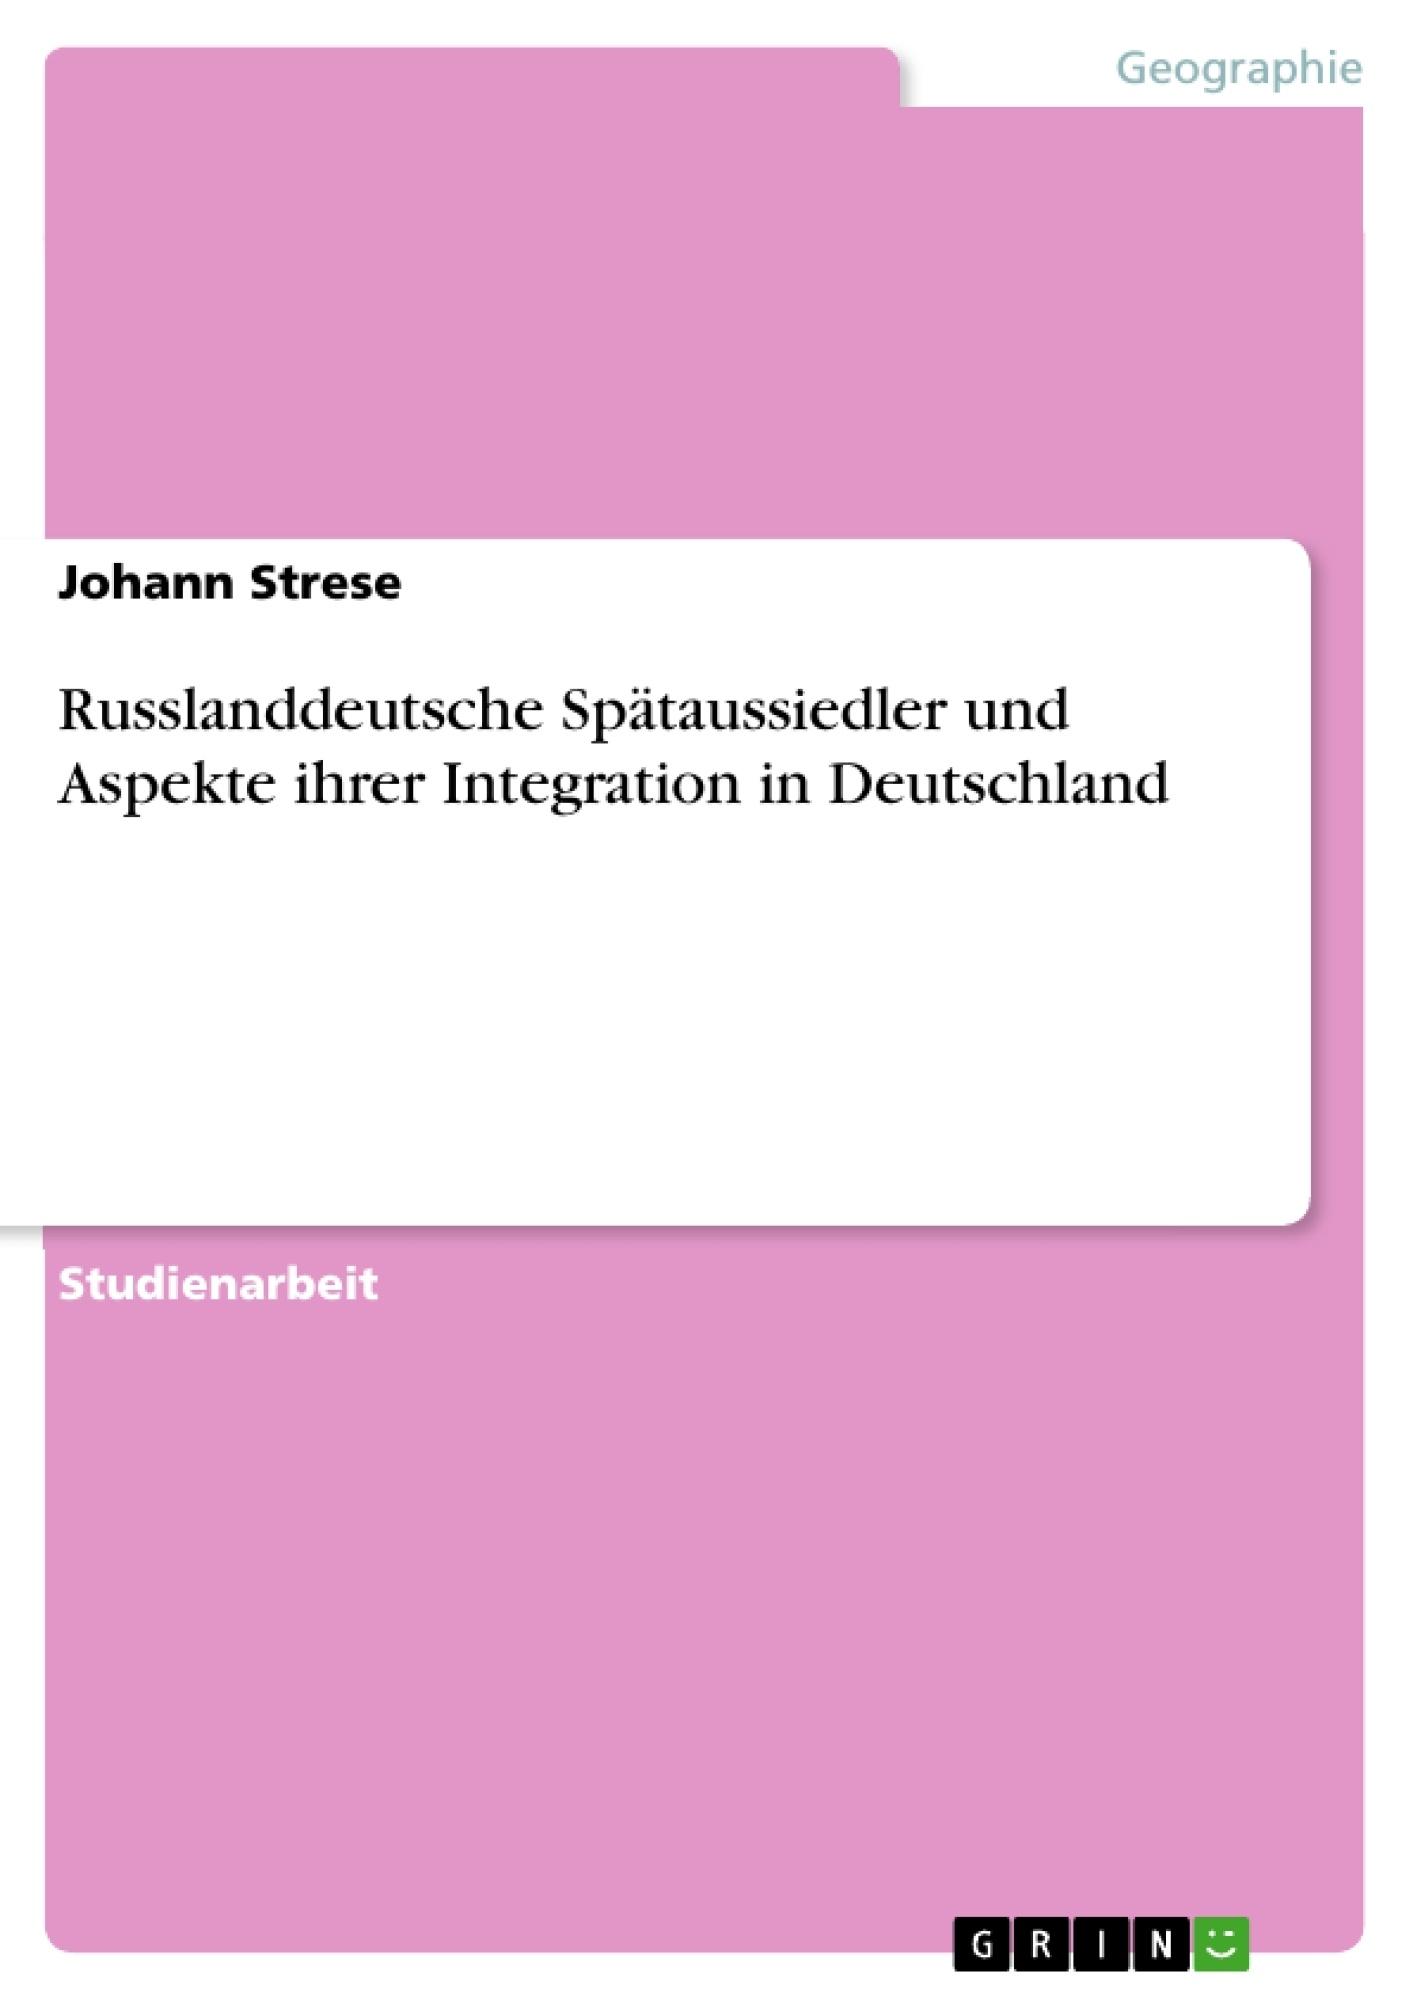 Titel: Russlanddeutsche Spätaussiedler und Aspekte ihrer Integration in Deutschland